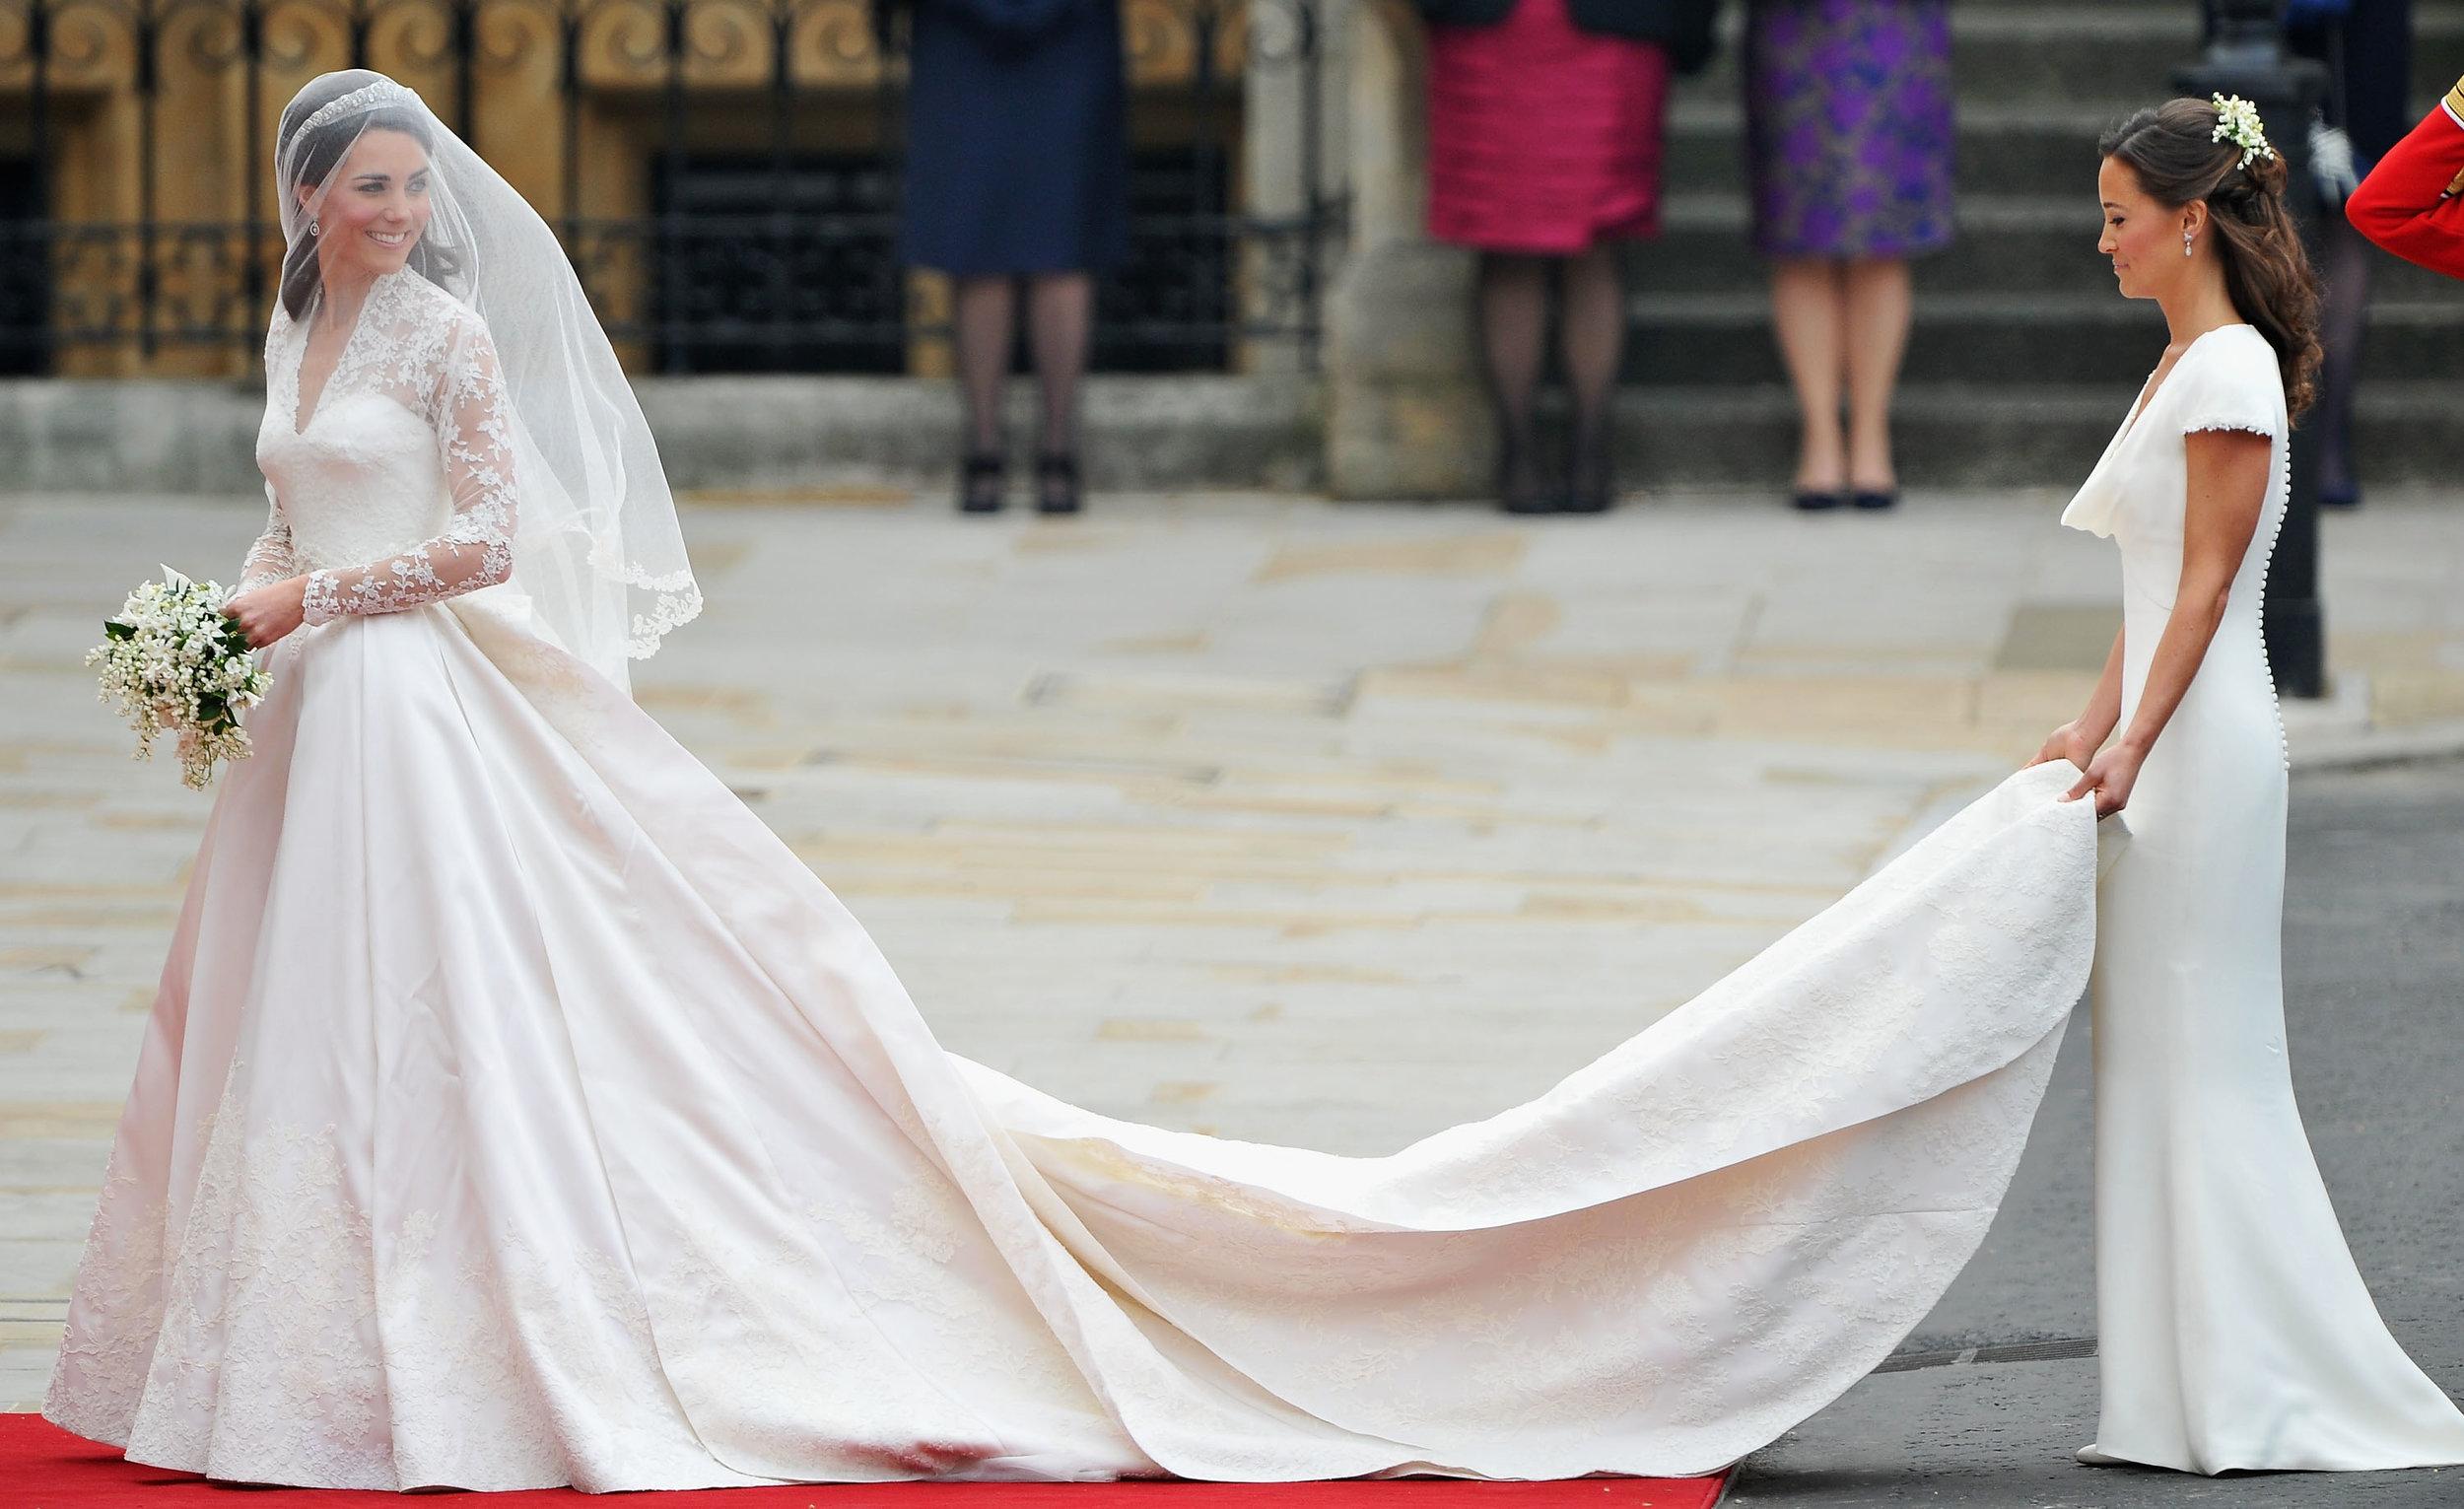 Vor ihrer Hochzeit soll Herzogin Kate zwei Kleidergrößen abgenommen haben. Dabei hängt ihre Schönheit sicher nicht von ihrem Gewicht ab, sondern von ihrer Ausstrahlung.  ©Getty Images